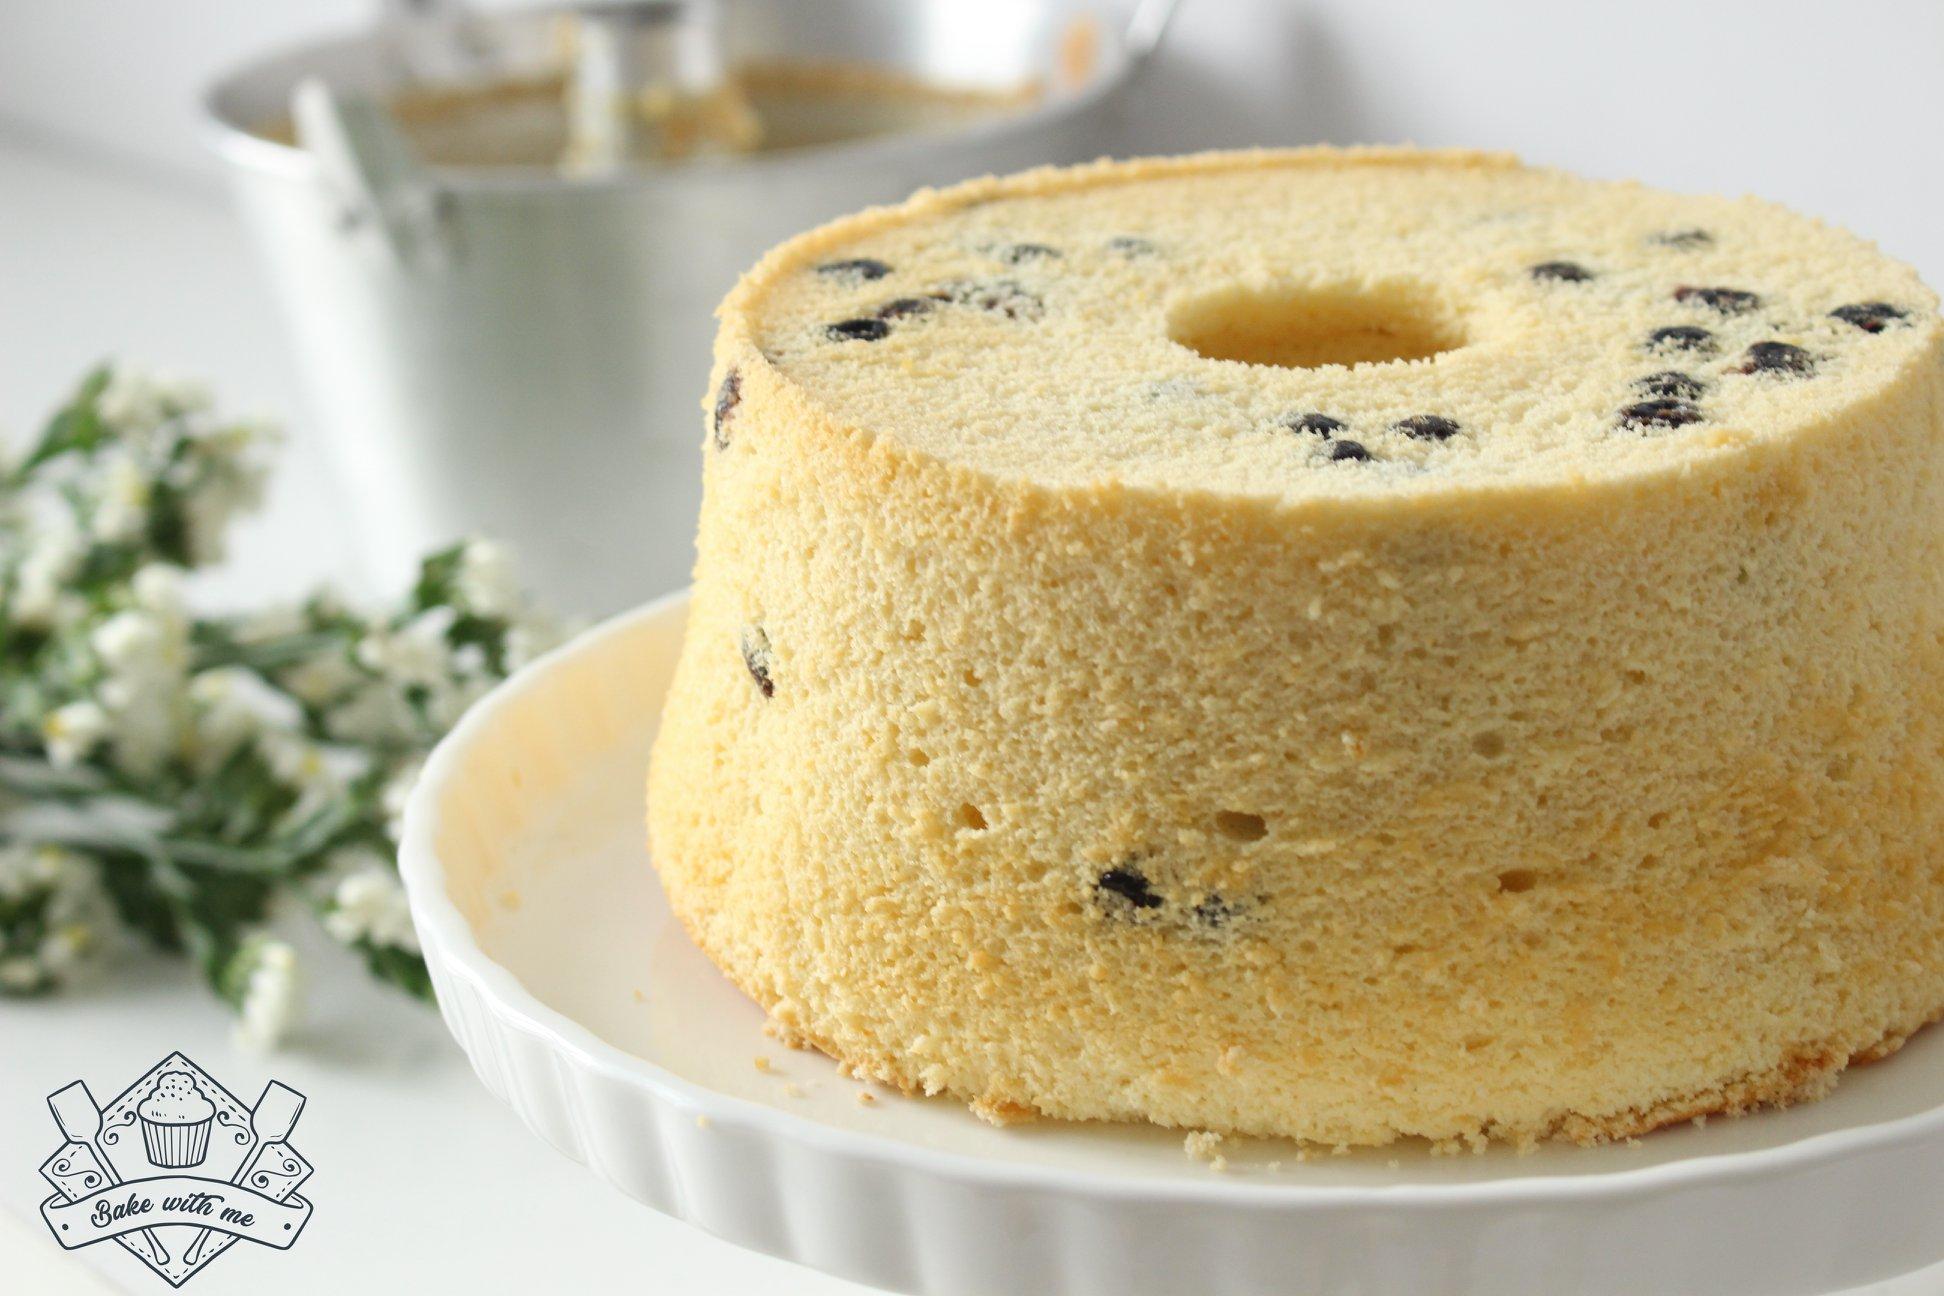 cách làm bánh chiffon 34 cách làm bánh chiffon Cách làm bánh Chiffon chanh việt quất đẹp như cơn gió thu cach lam banh chiffon 34